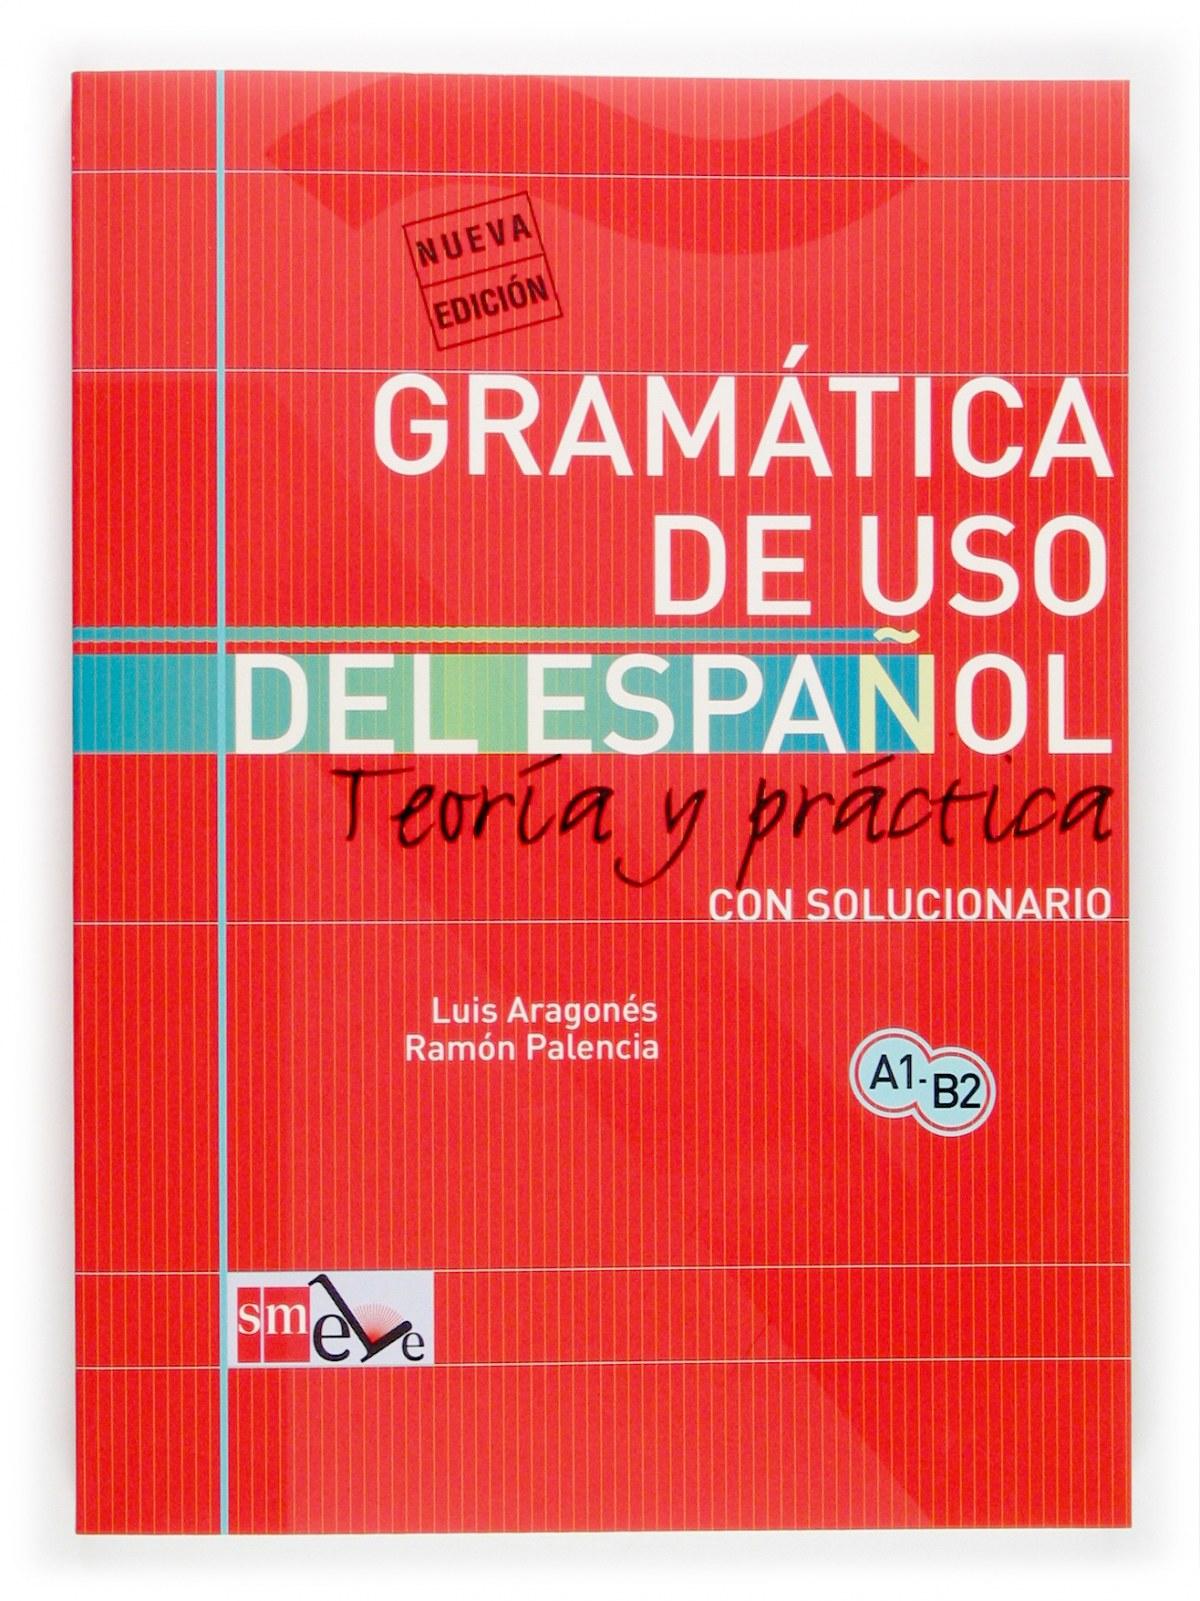 Gramática de uso del español: Teoría y práctica A1-B2 9788434893511